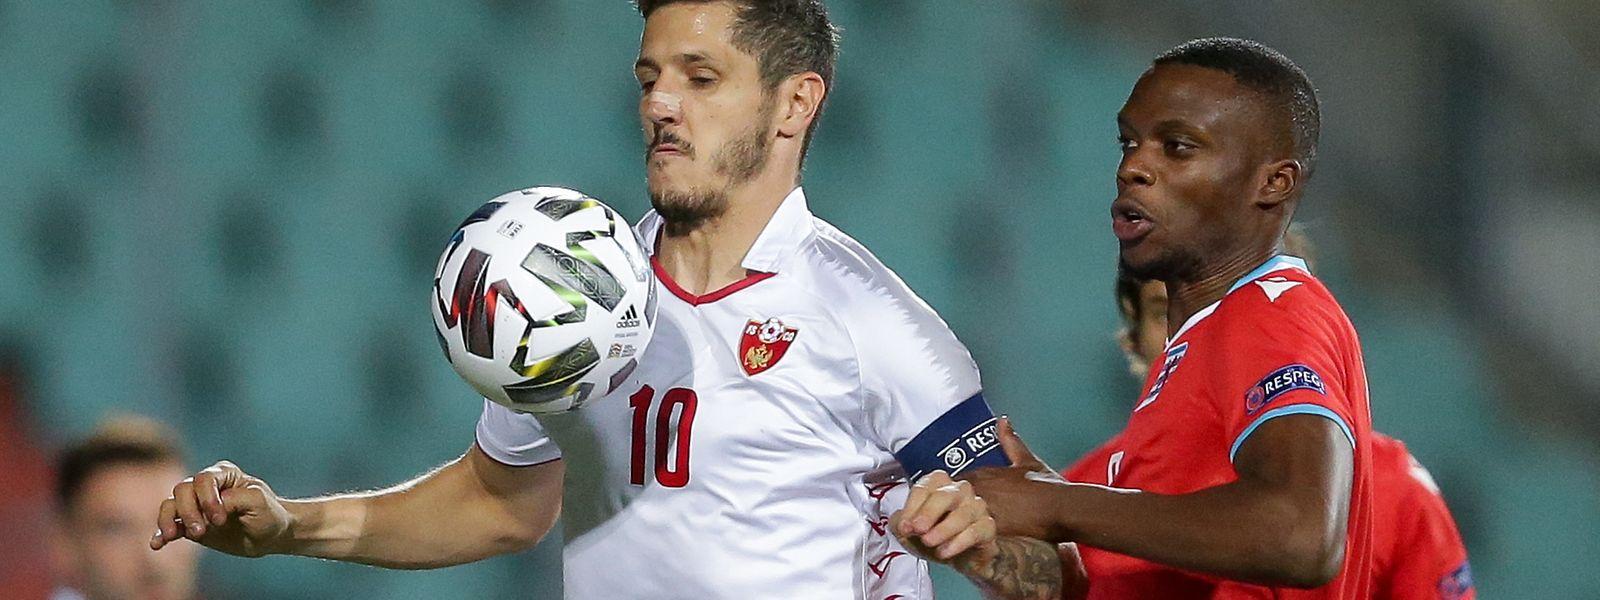 Stevan Jovetic (n° 10), capitão do Montenegro, junto com Christopher Martins (de vermelho) jogador do Luxemburgo que foi expulso aos 84 minutos.